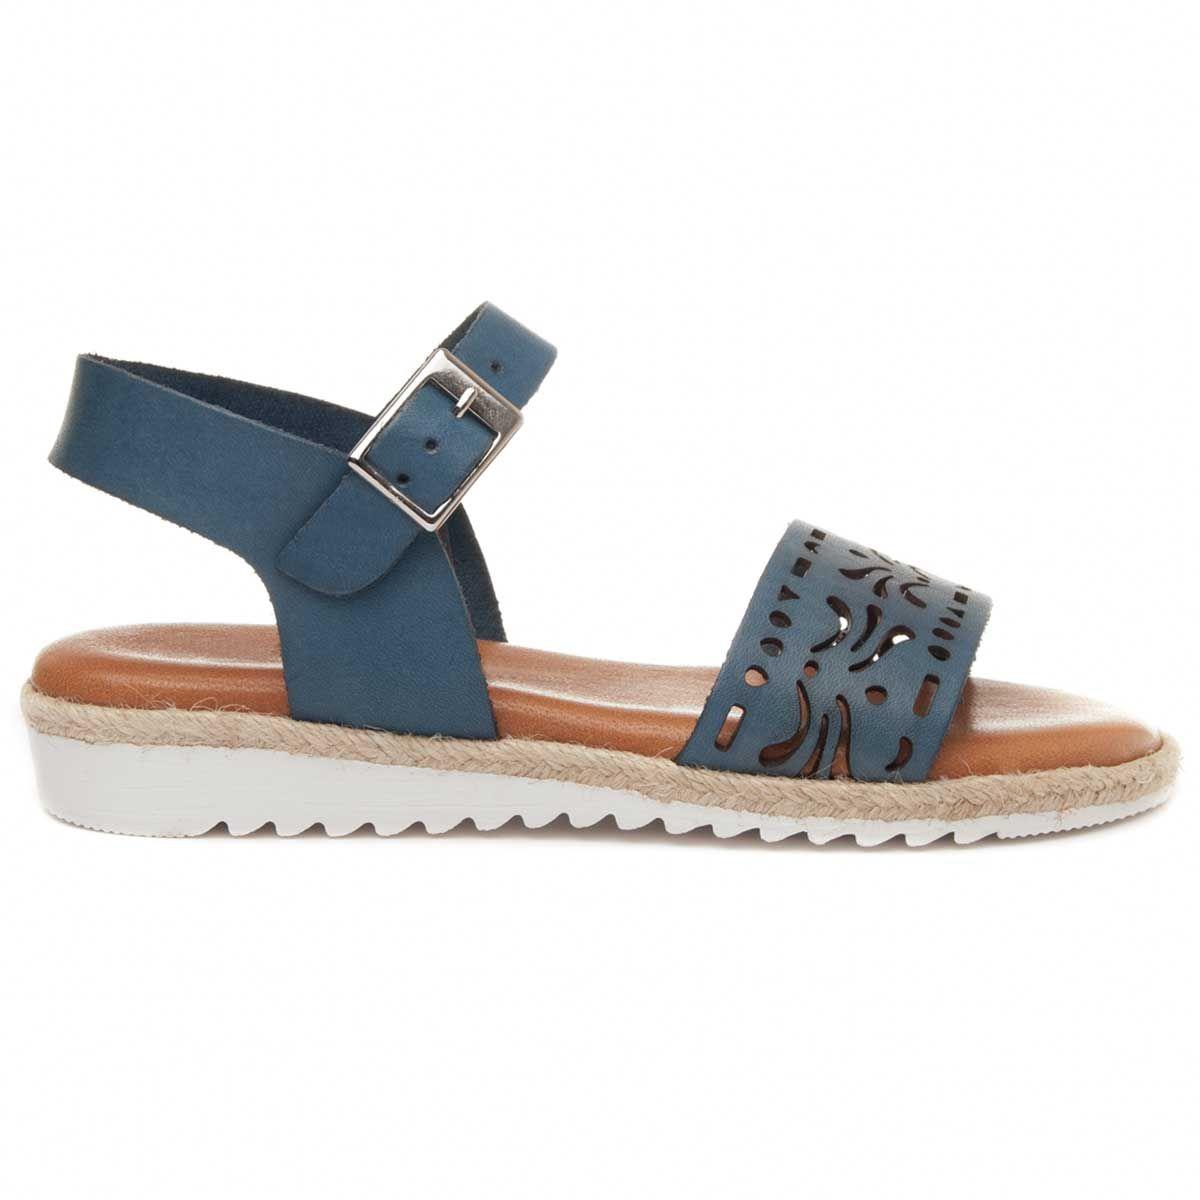 Montevita Strappy Flat Sandal in Blue